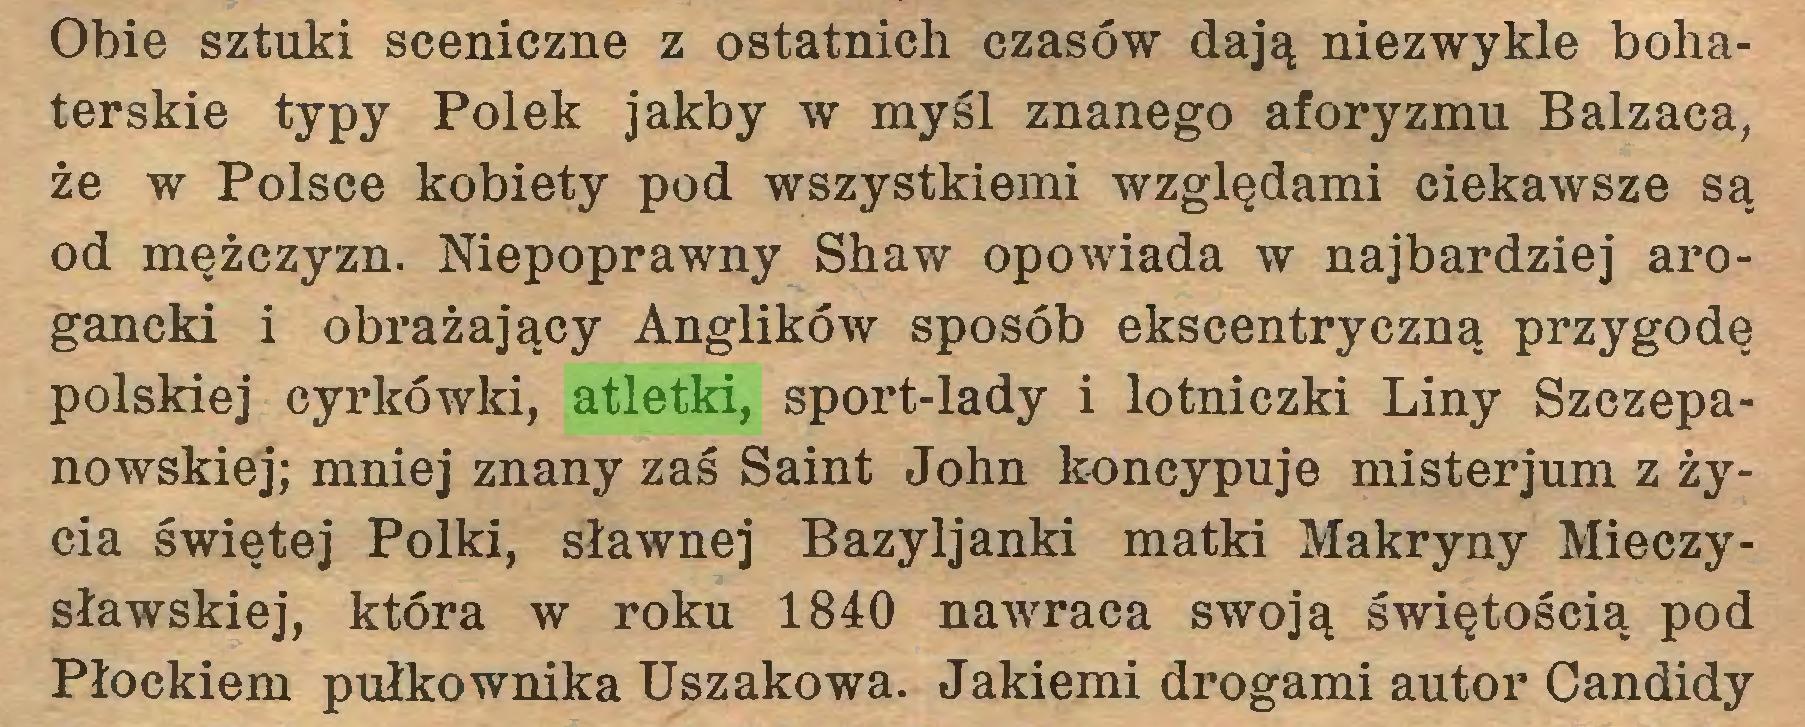 (...) Obie sztuki sceniczne z ostatnich czasów dają niezwykle bohaterskie typy Polek jakby w myśl znanego aforyzmu Balzaca, że w Polsce kobiety pod wszystkiemi względami ciekawsze są od mężczyzn. Niepoprawny Shaw opowiada w najbardziej arogancki i obrażający Anglików sposób ekscentryczną przygodę polskiej cyrkówki, atletki, sport-lady i lotniczki Liny Szczepanowskiej; mniej znany zaś Saint John koncypuje misterjum z życia świętej Polki, sławnej Bazyljanki matki Makryny Mieczysławskiej, która w roku 1840 nawraca swoją świętością pod Płockiem pułkownika Uszakowa. Jakiemi drogami autor Candidy...